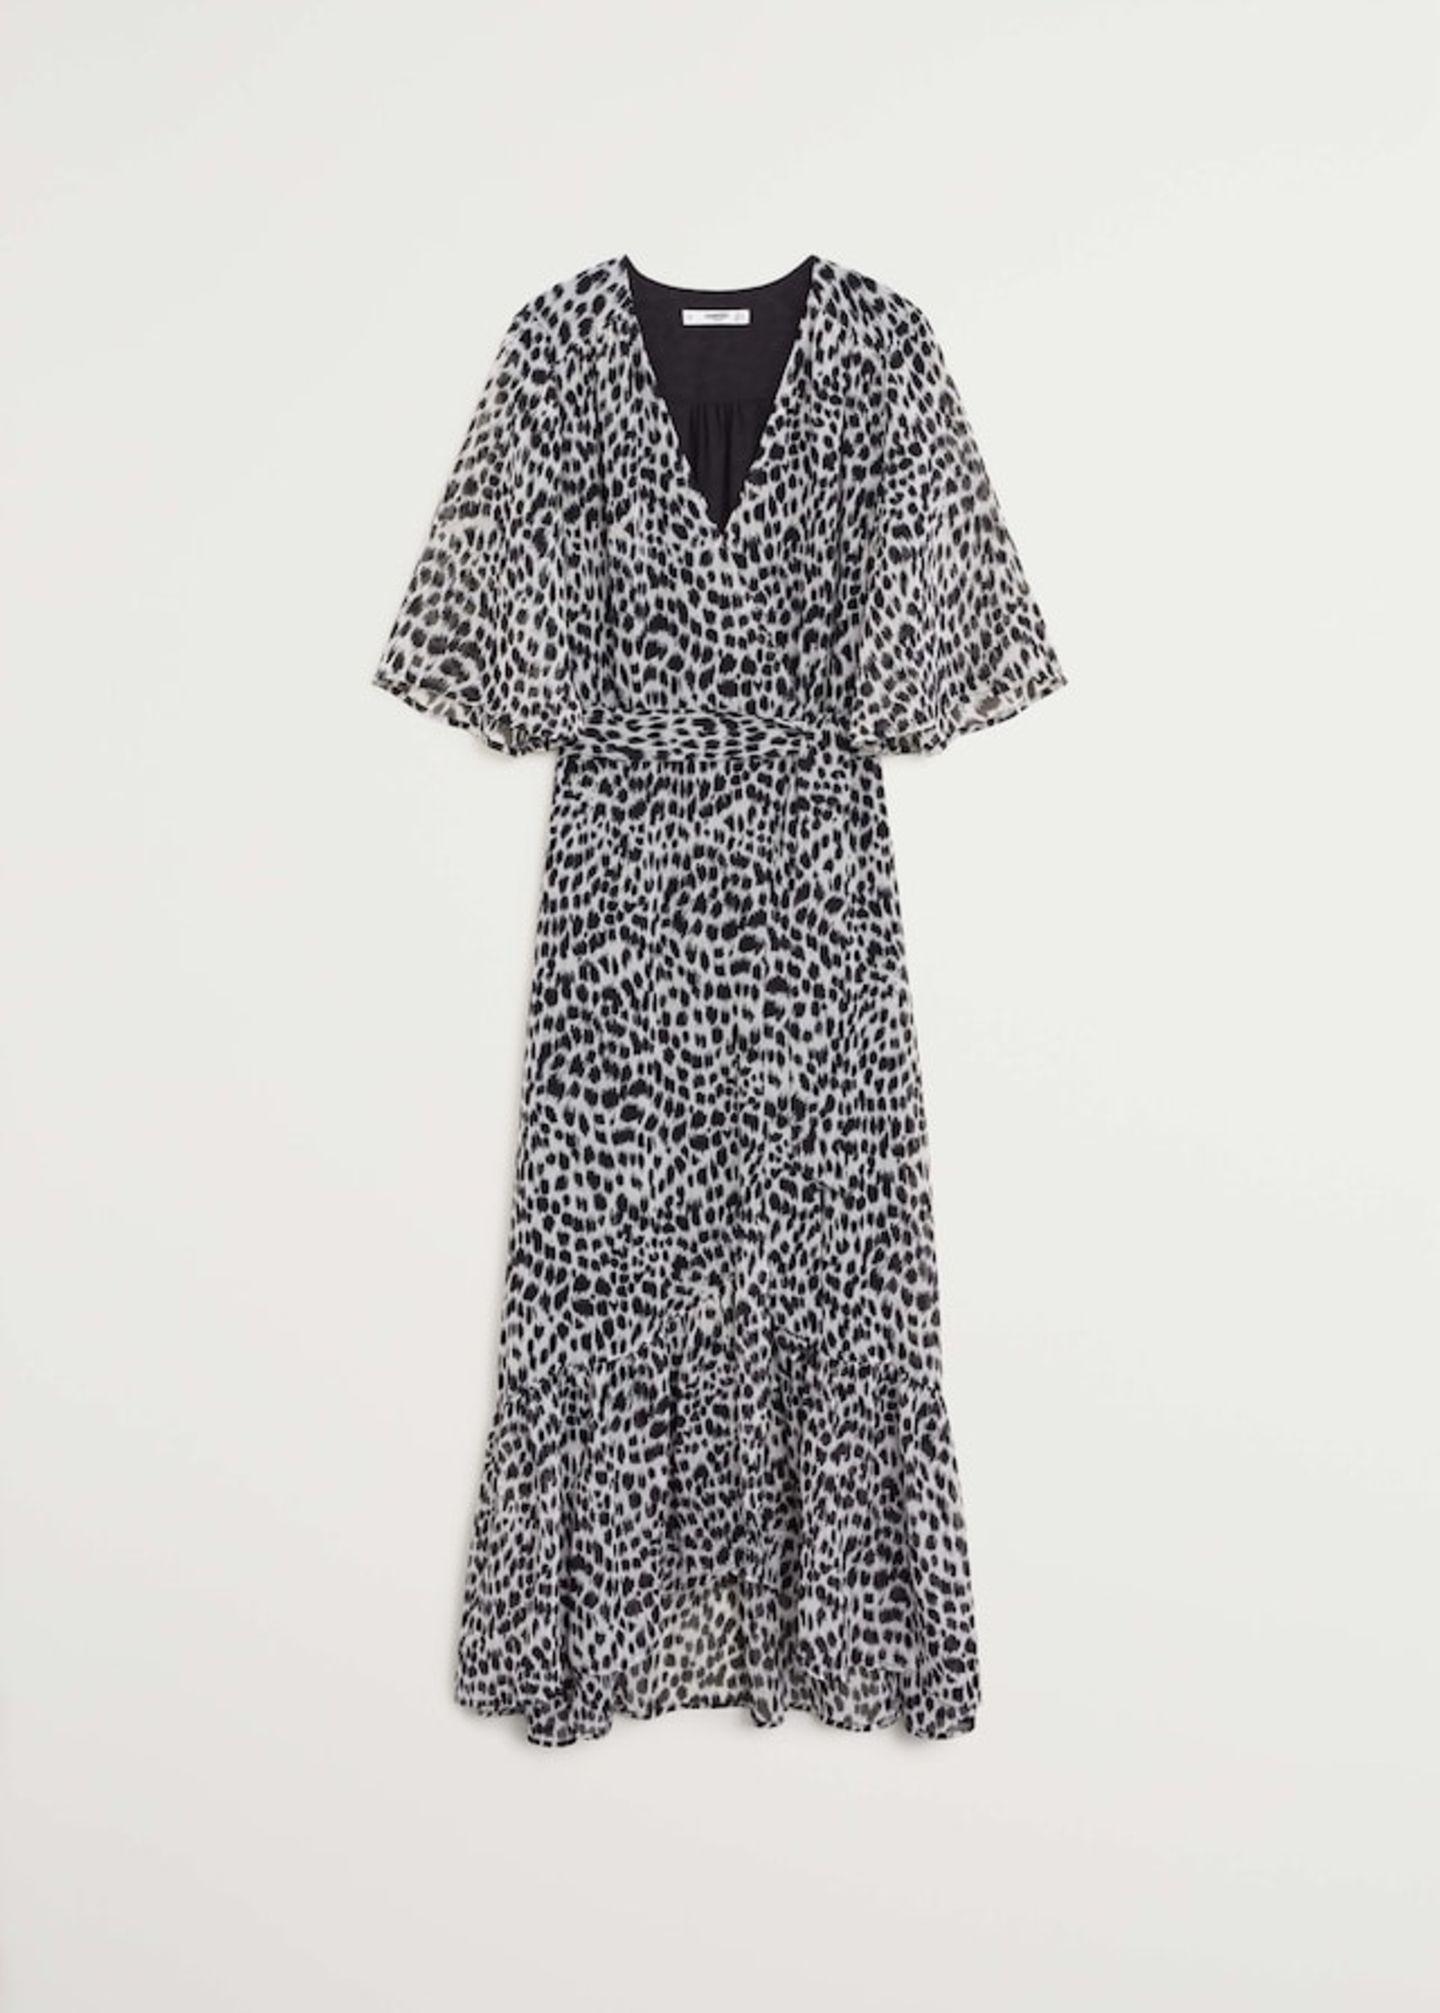 Ob Leo wohl irgendwann von der Mode-Bildfläche verschwinden wird?Wir hoffen nicht allzu bald und zumindest kommenden Herbst darf der beliebte Print noch unseren Kleiderschrank (und uns!) schmücken. Dieses Wickelkleid ist jedenfalls zu schön, um es nicht zu tragen. Von Mango, um 50 Euro.